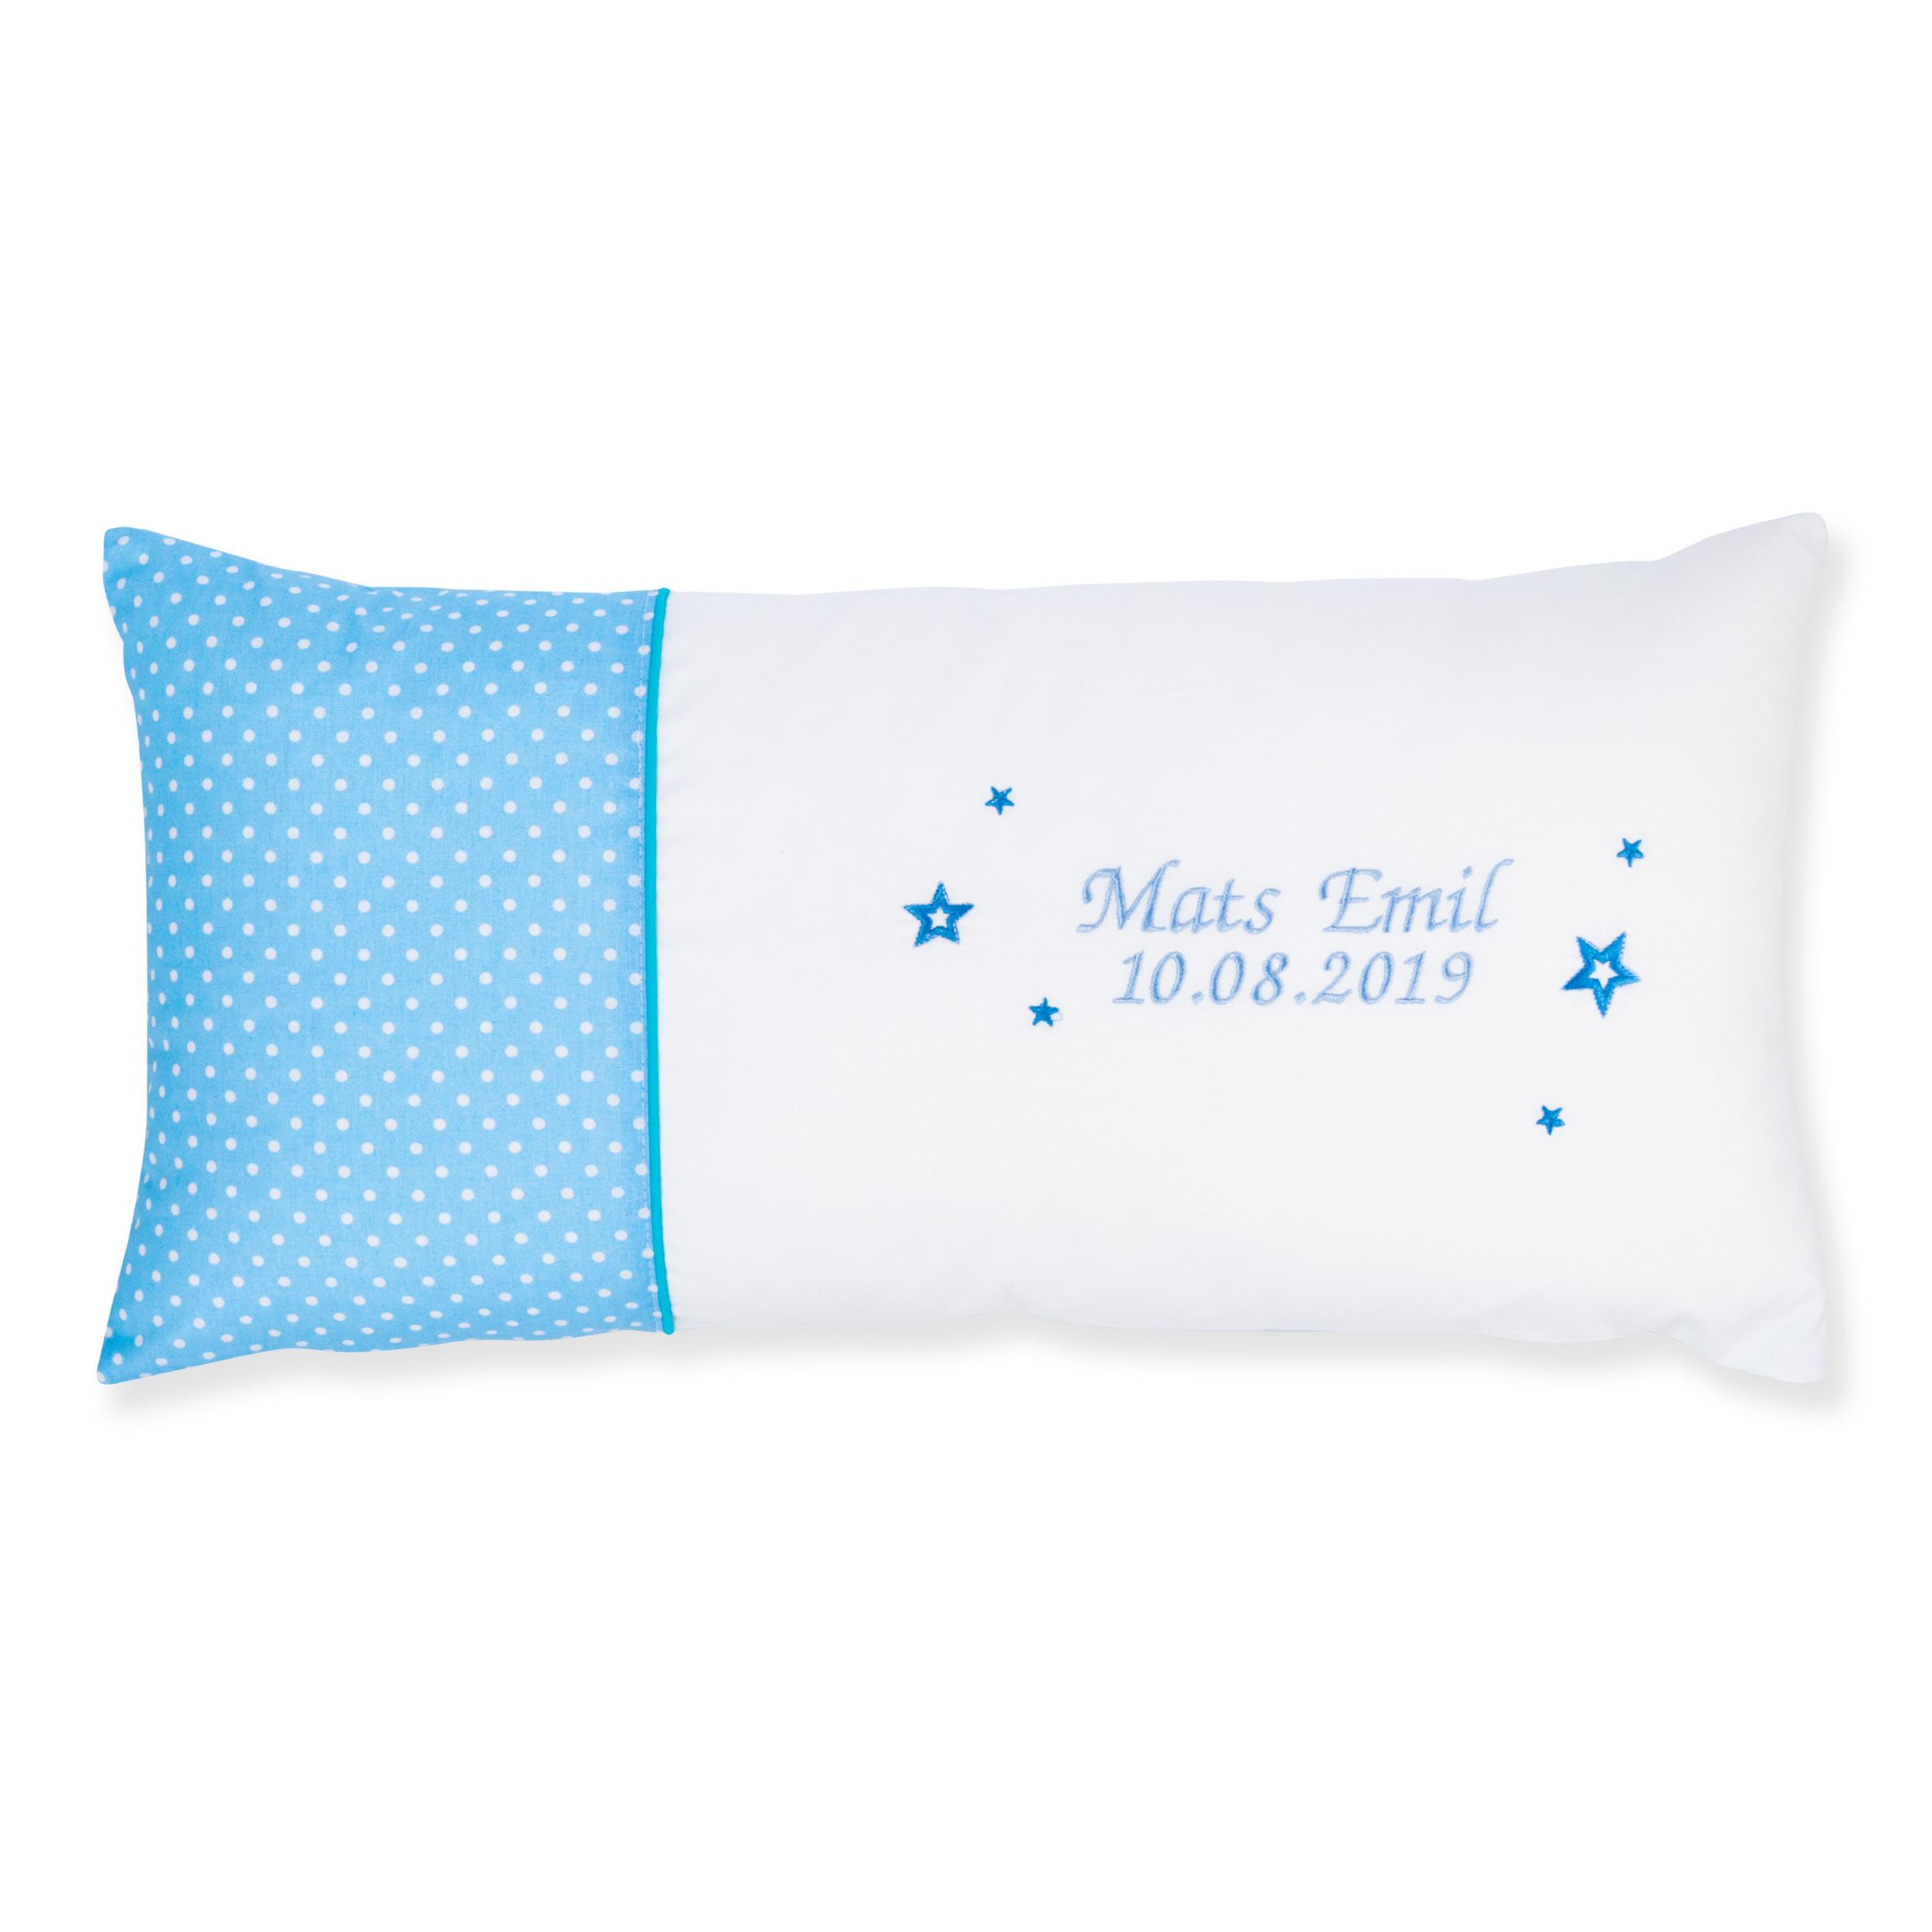 Kissen 60 x 30 cm mit Namen Datum Pünktchen Hellblau Weiß